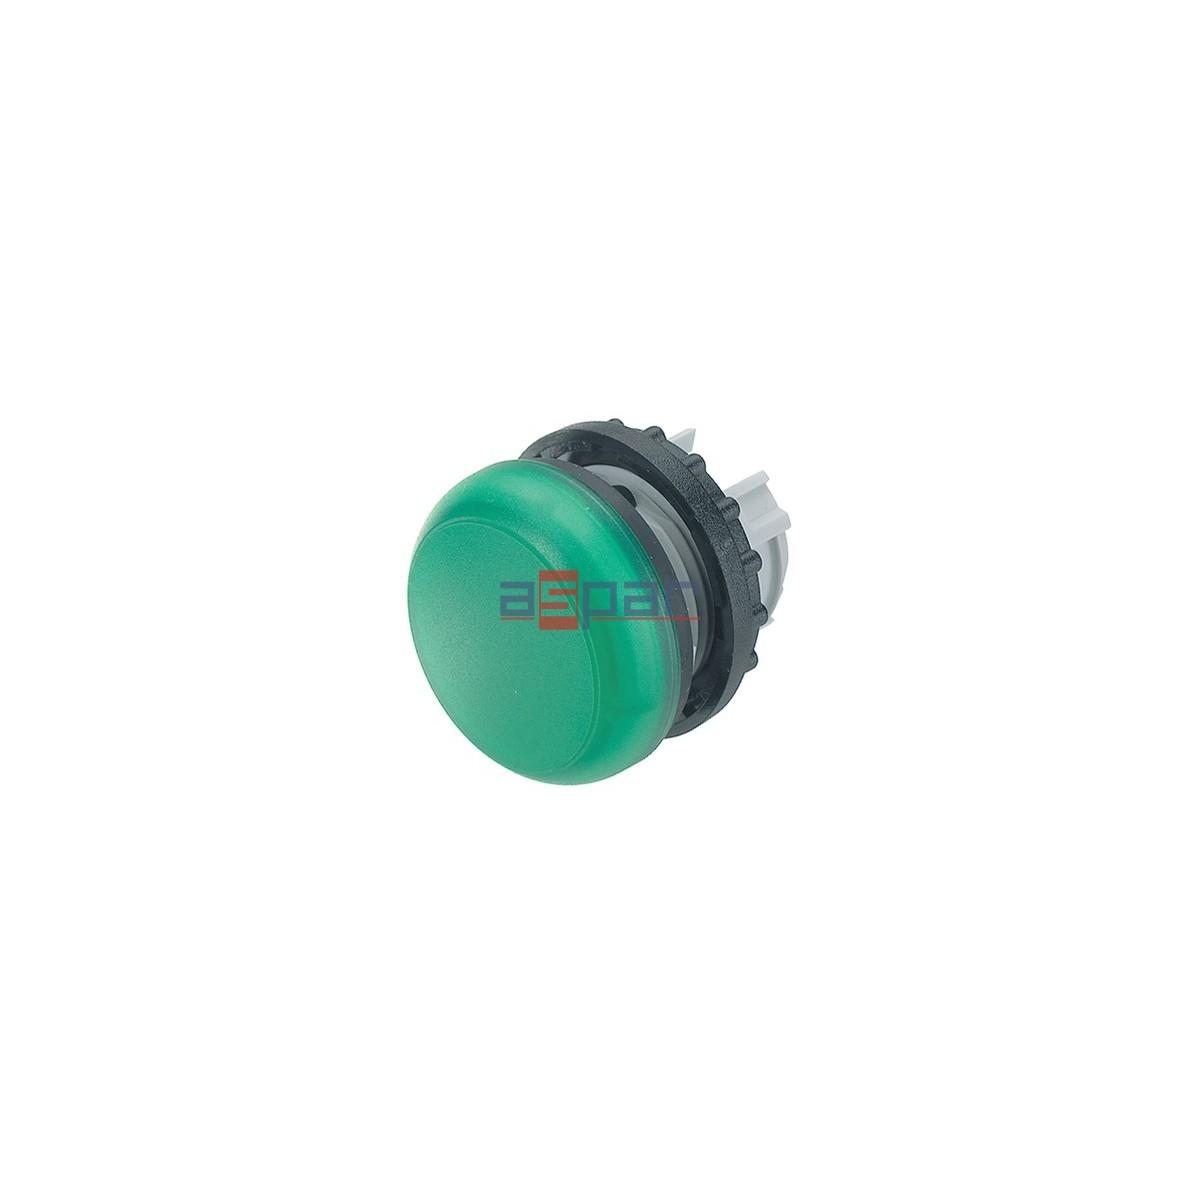 Główka lampki sygnalizacyjnej, płaska, zielona, M22-L-G, 216773